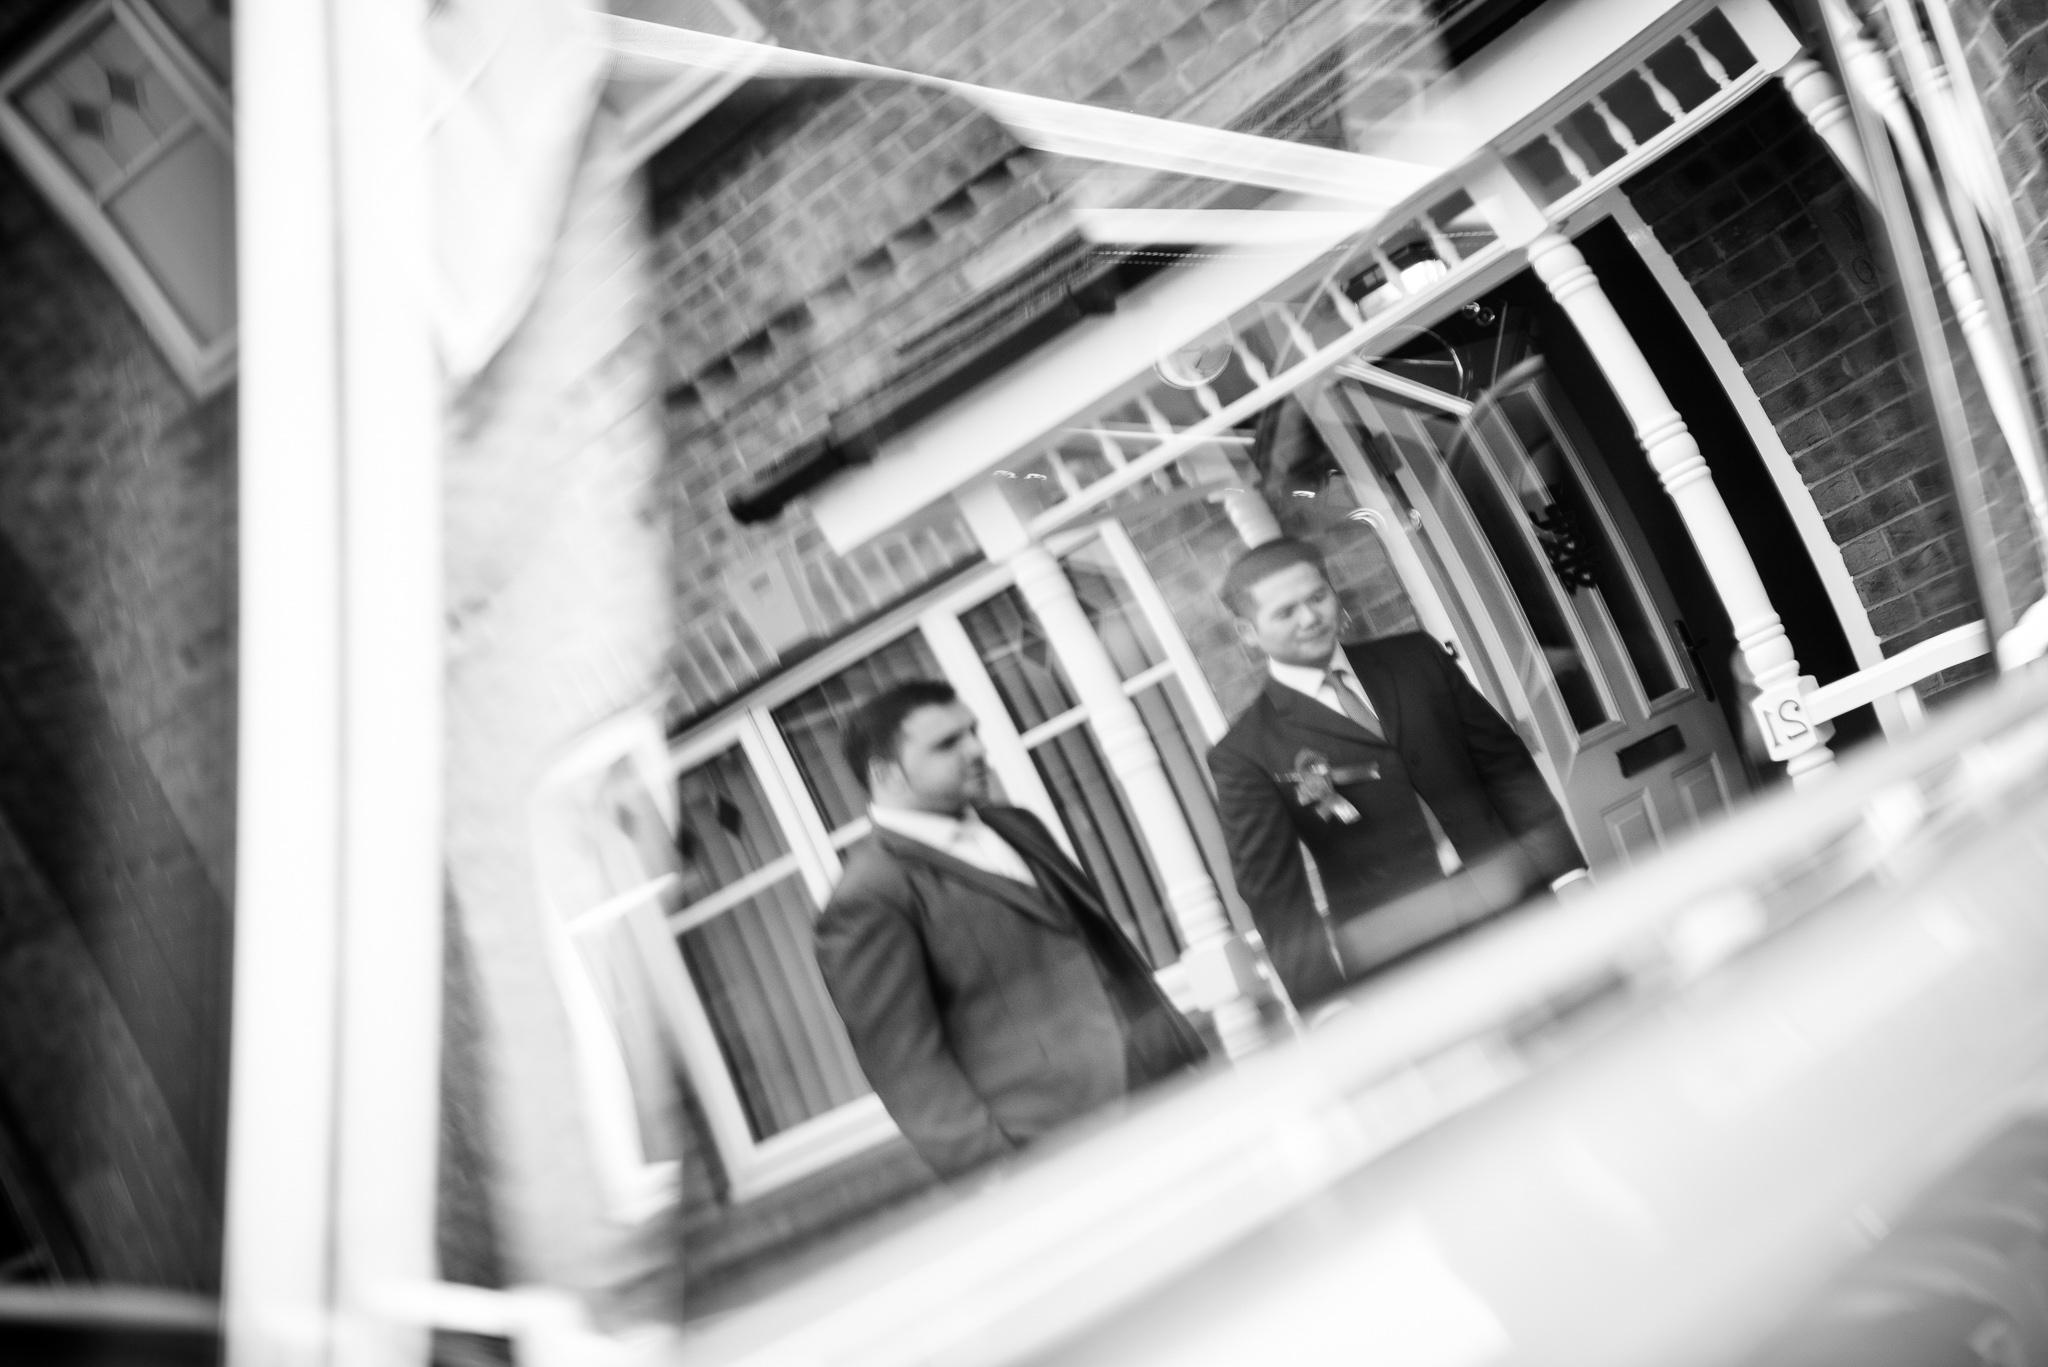 Wedding_Luke_Musharbash_Photographer_05.jpg